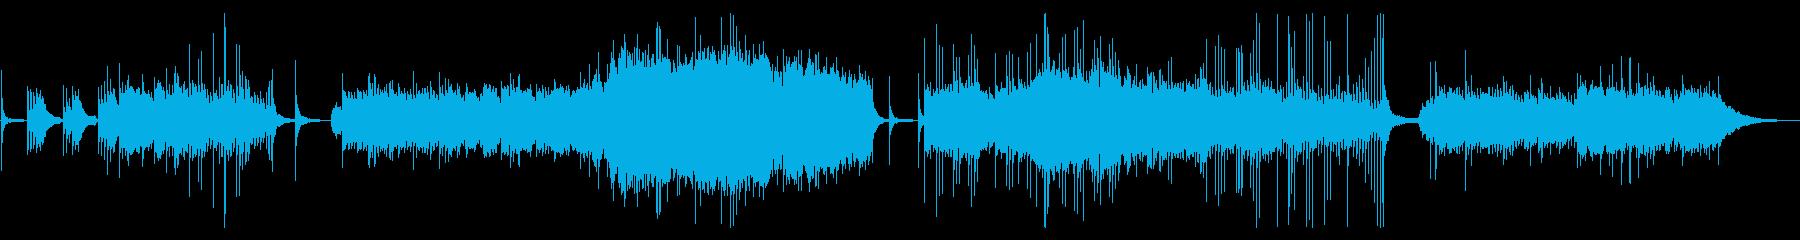 死別をイメージした悲しいBGMです。の再生済みの波形